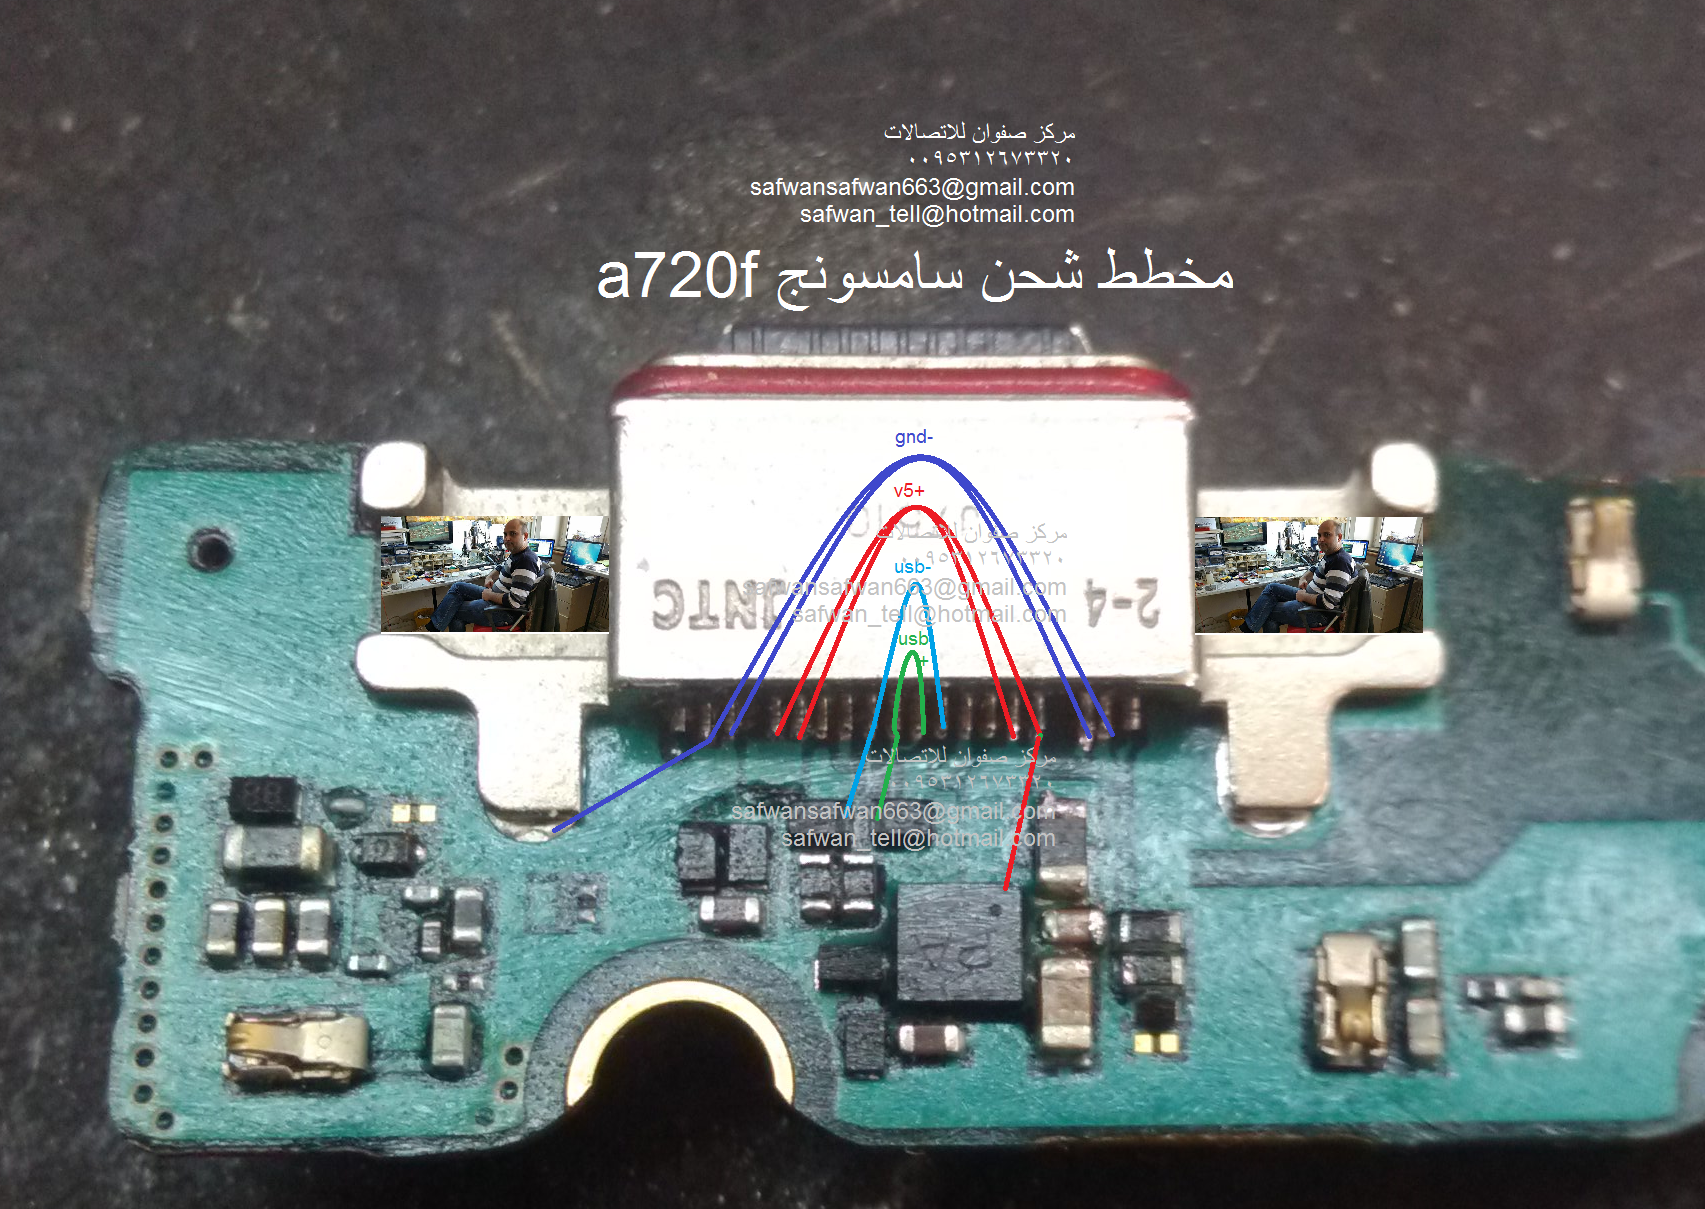 مخطط سوكة شحن سامسونج A720f